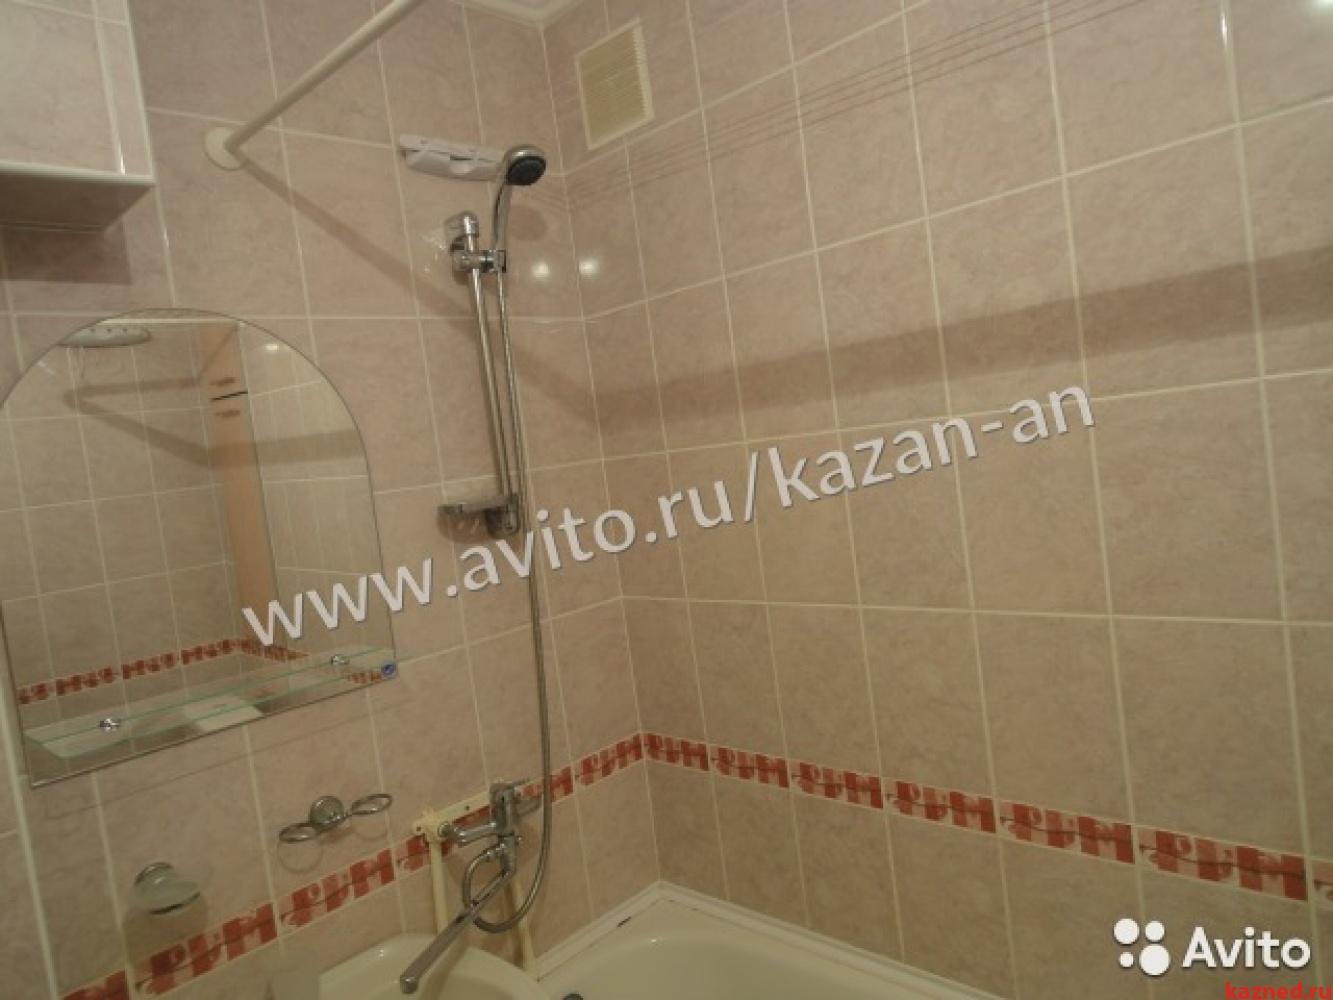 Продажа 1-к квартиры Восход ул, 3, 33 м2  (миниатюра №2)